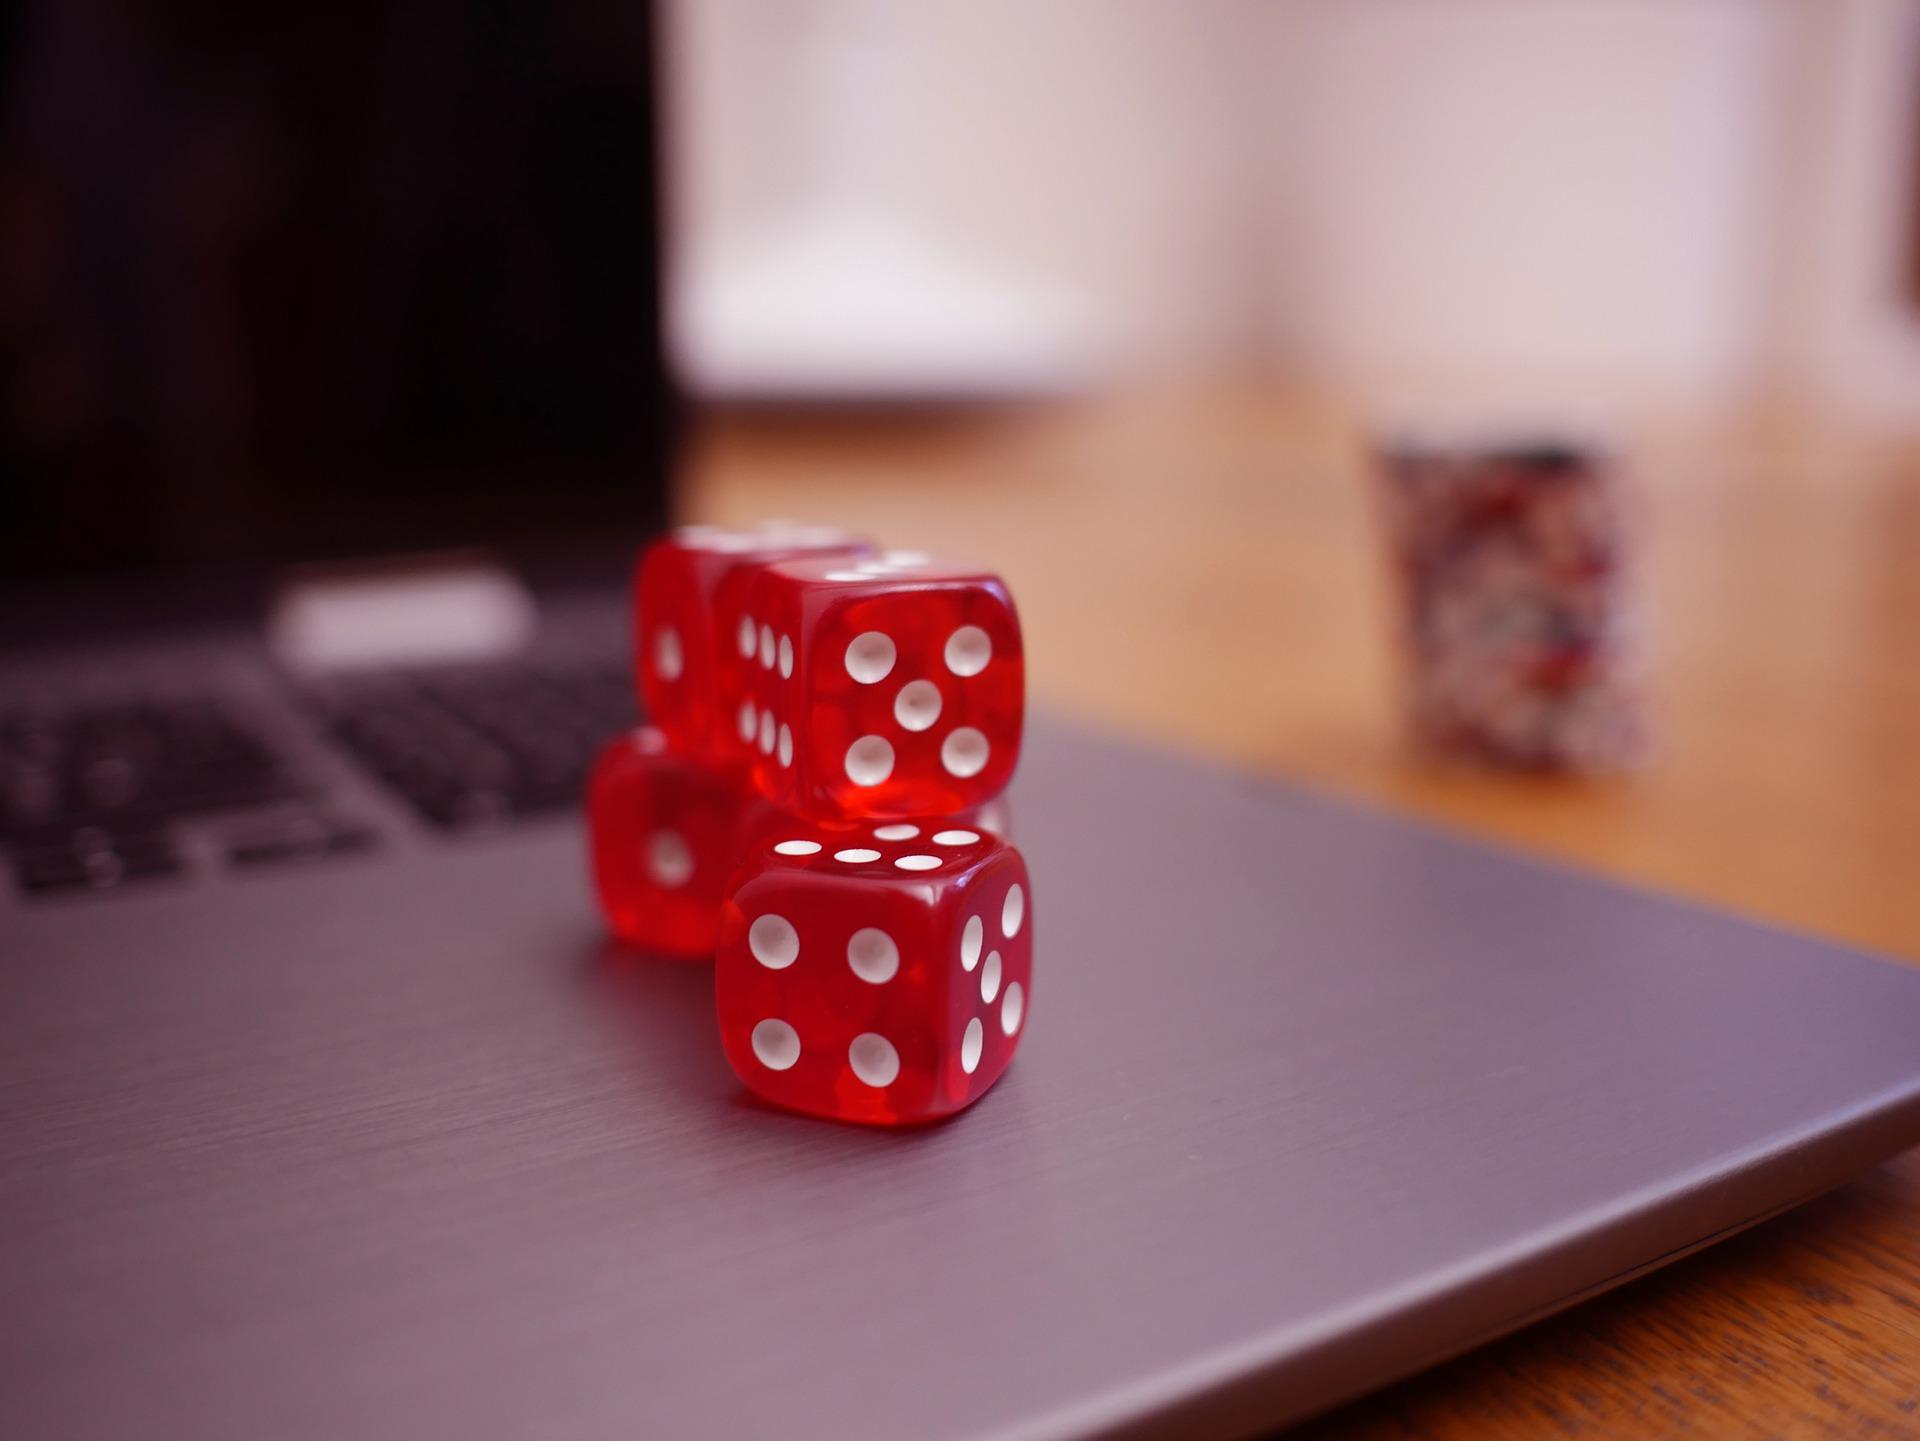 Anggota BOS mendesak untuk memikirkan kembali kontrol kasino Swedia